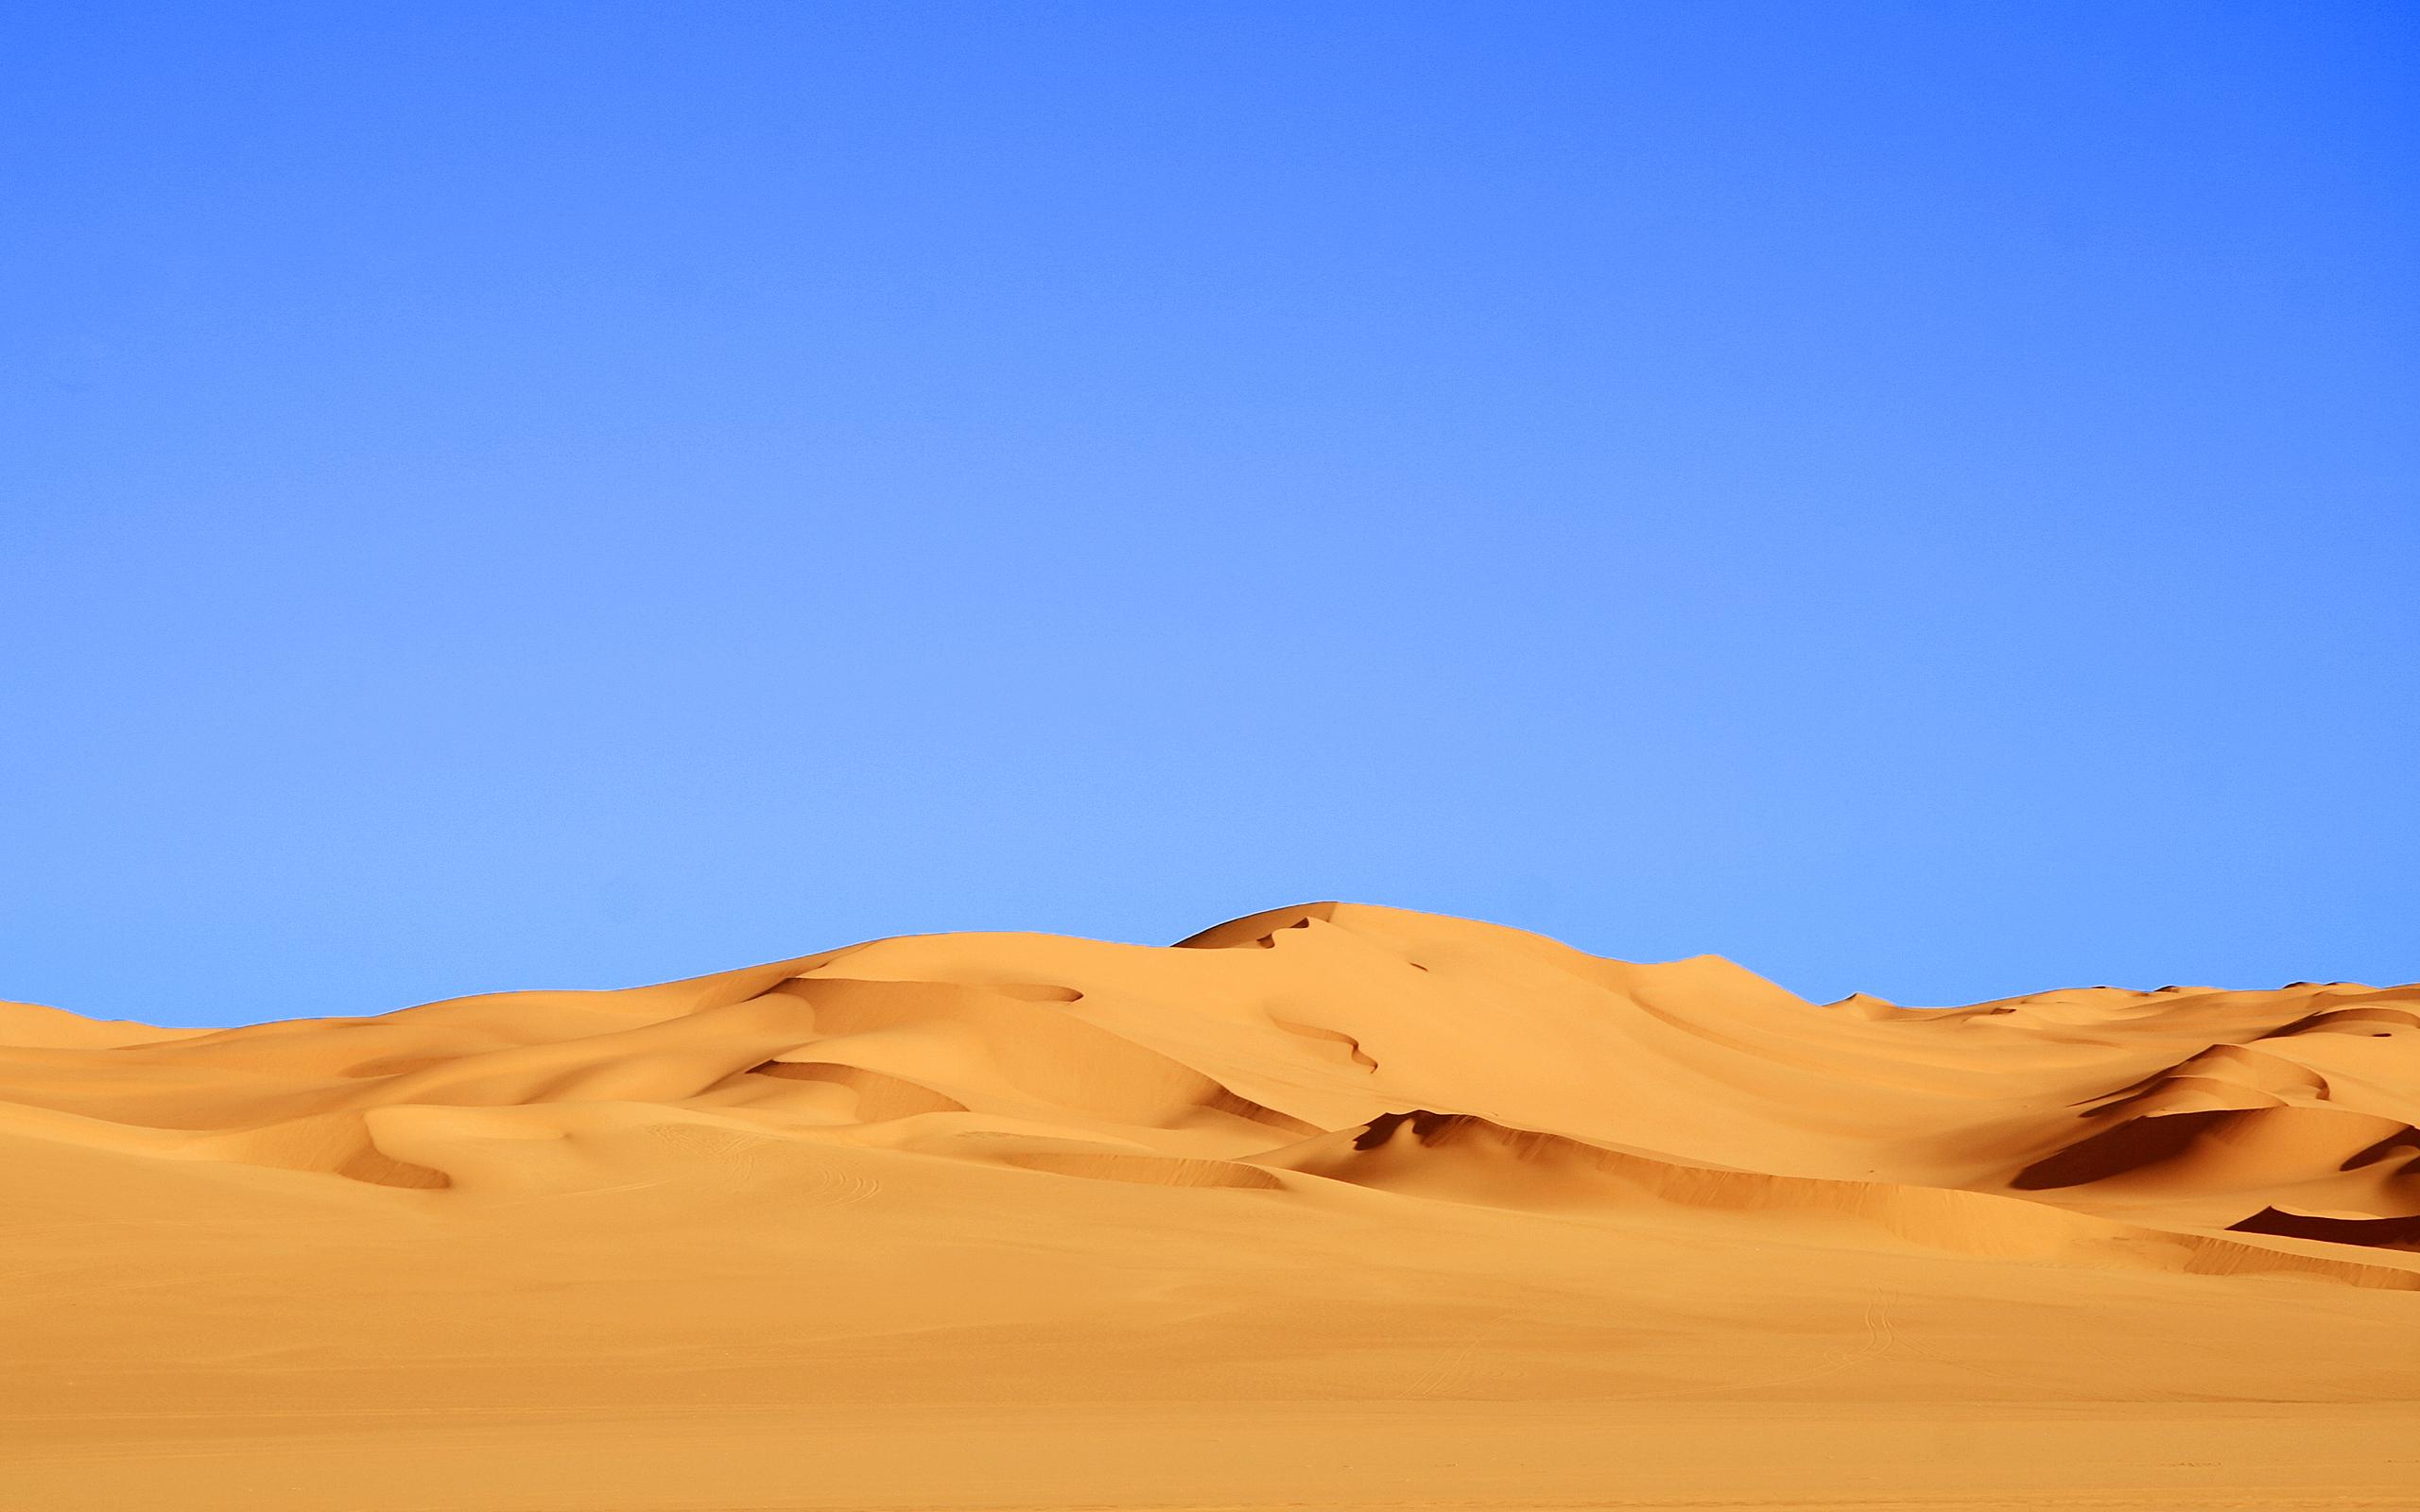 Download Desert Blue Wallpaper 2560x1600 | Wallpoper #332630